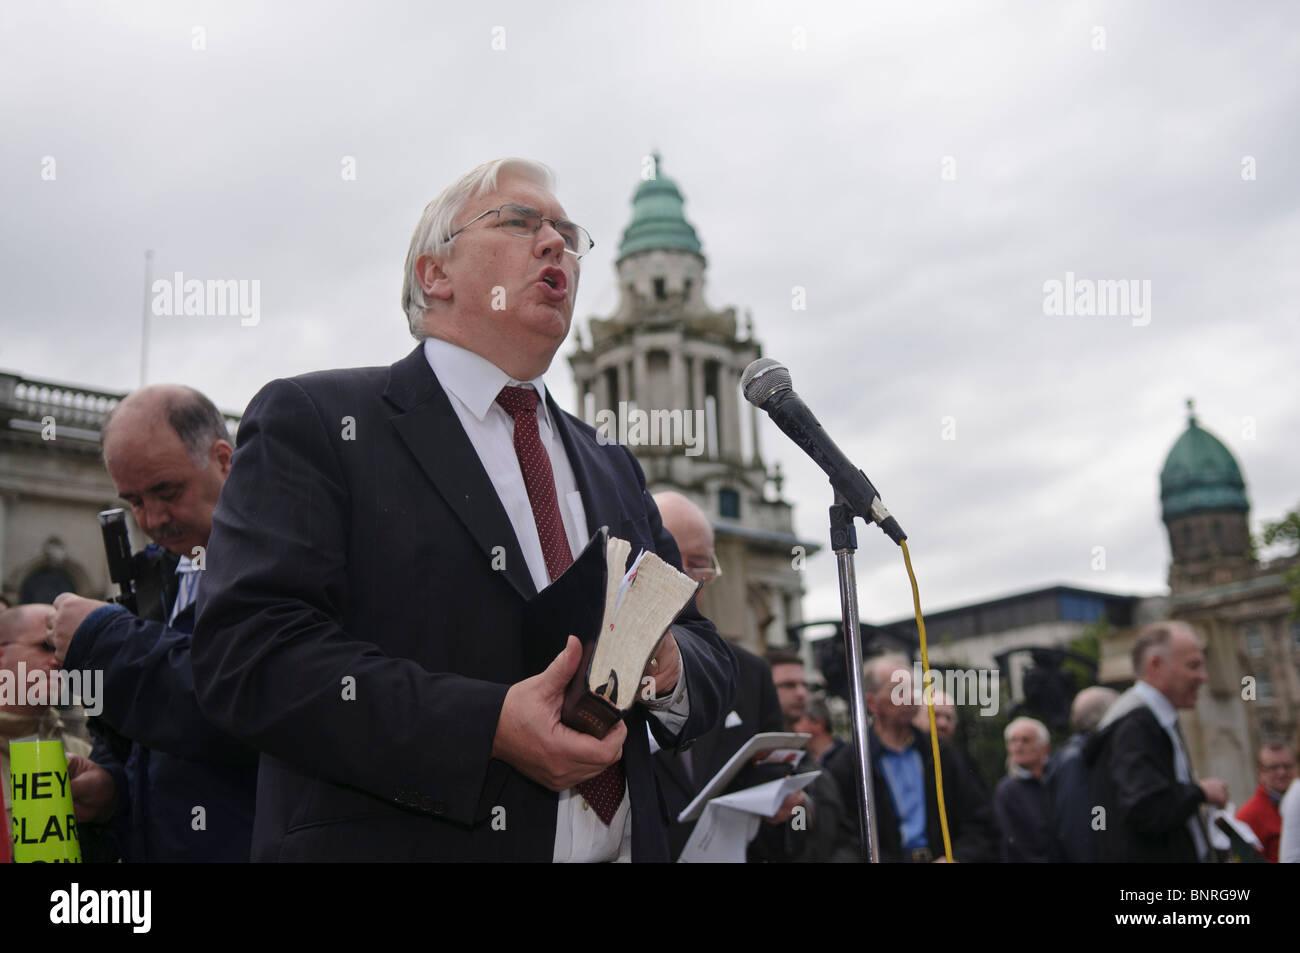 Le ministre presbytérien libre tient une bible tout en prêchant en dehors de Belfast City Hall. Banque D'Images